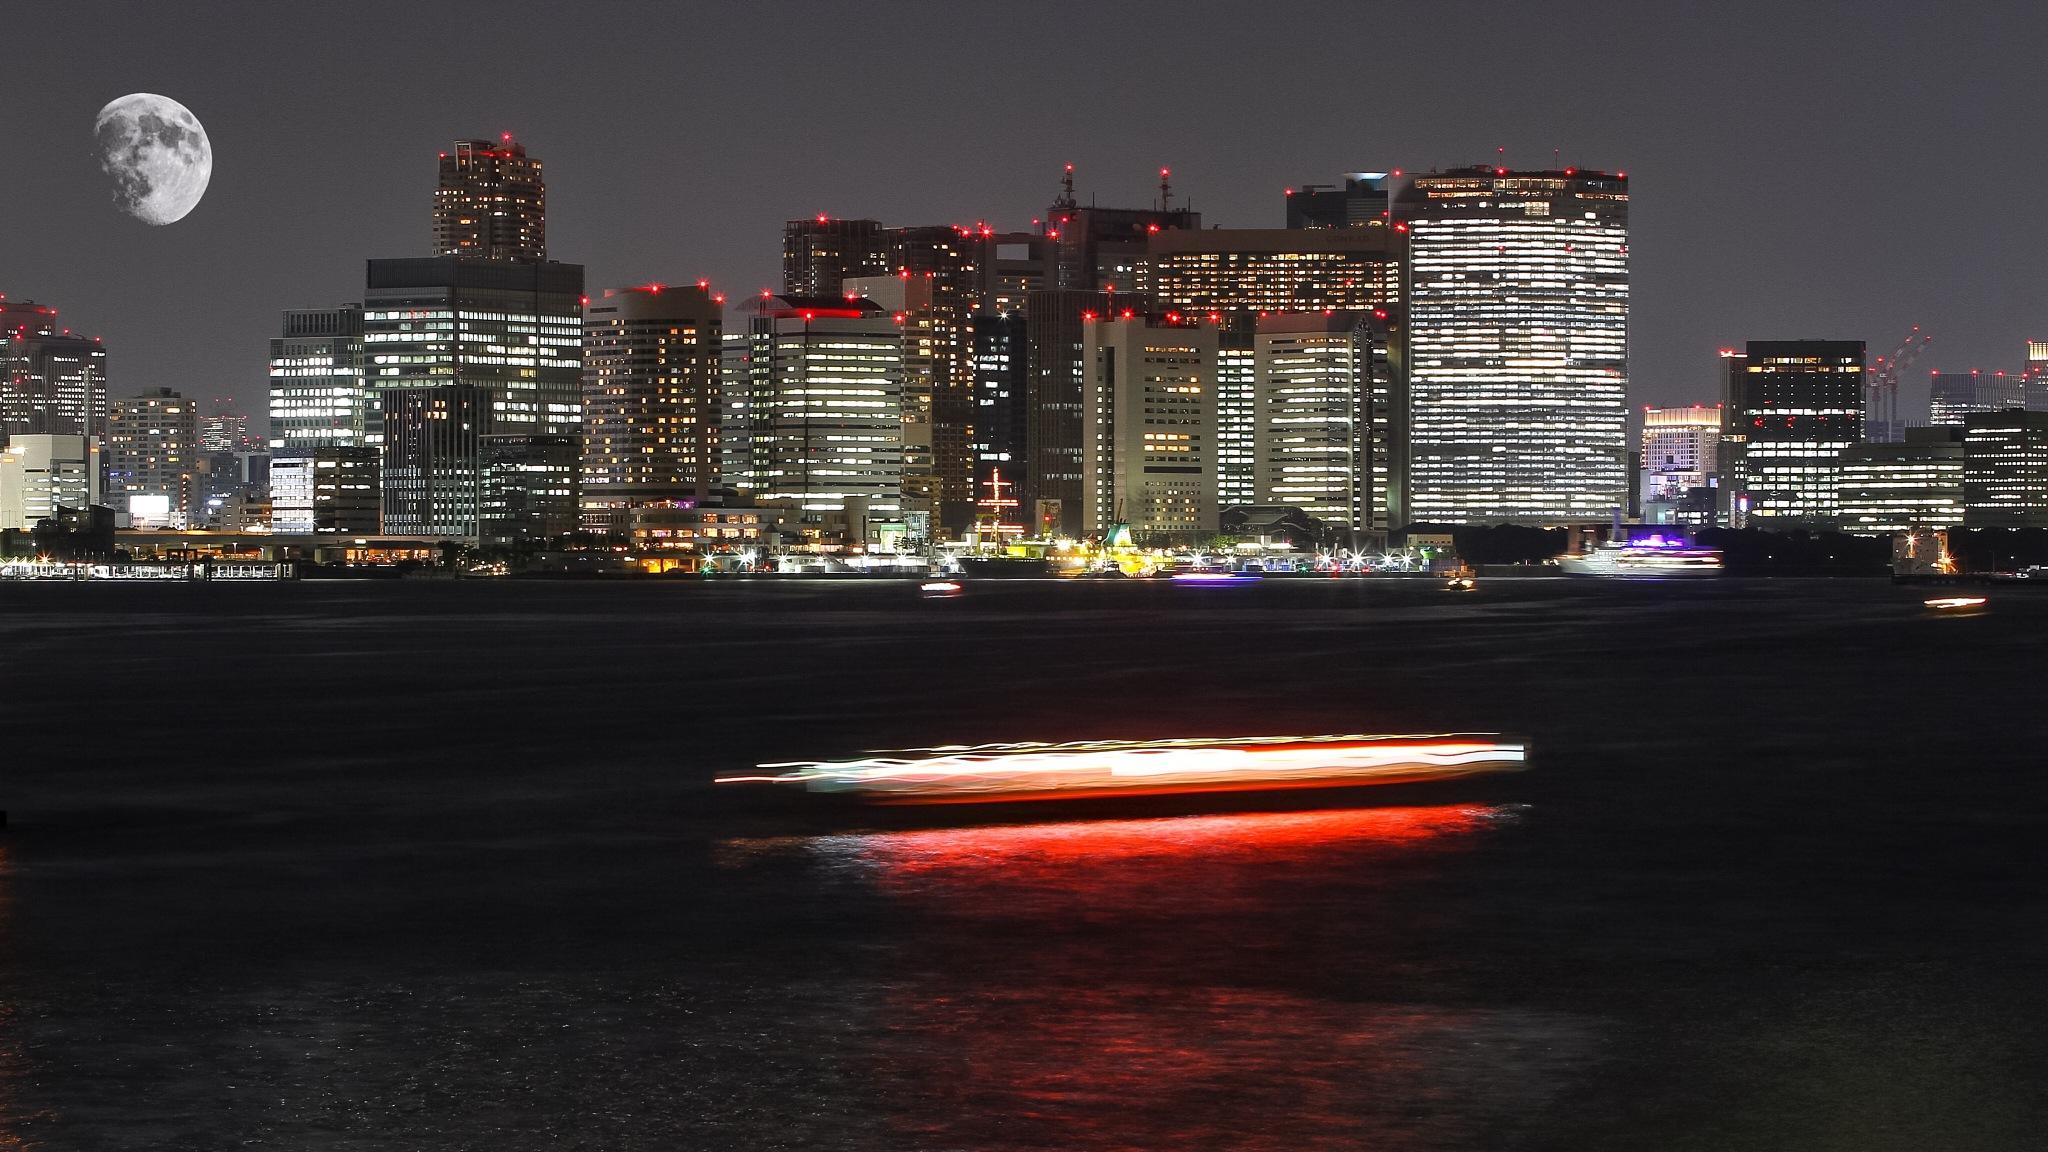 Tokyo at night by Jp Punzalan